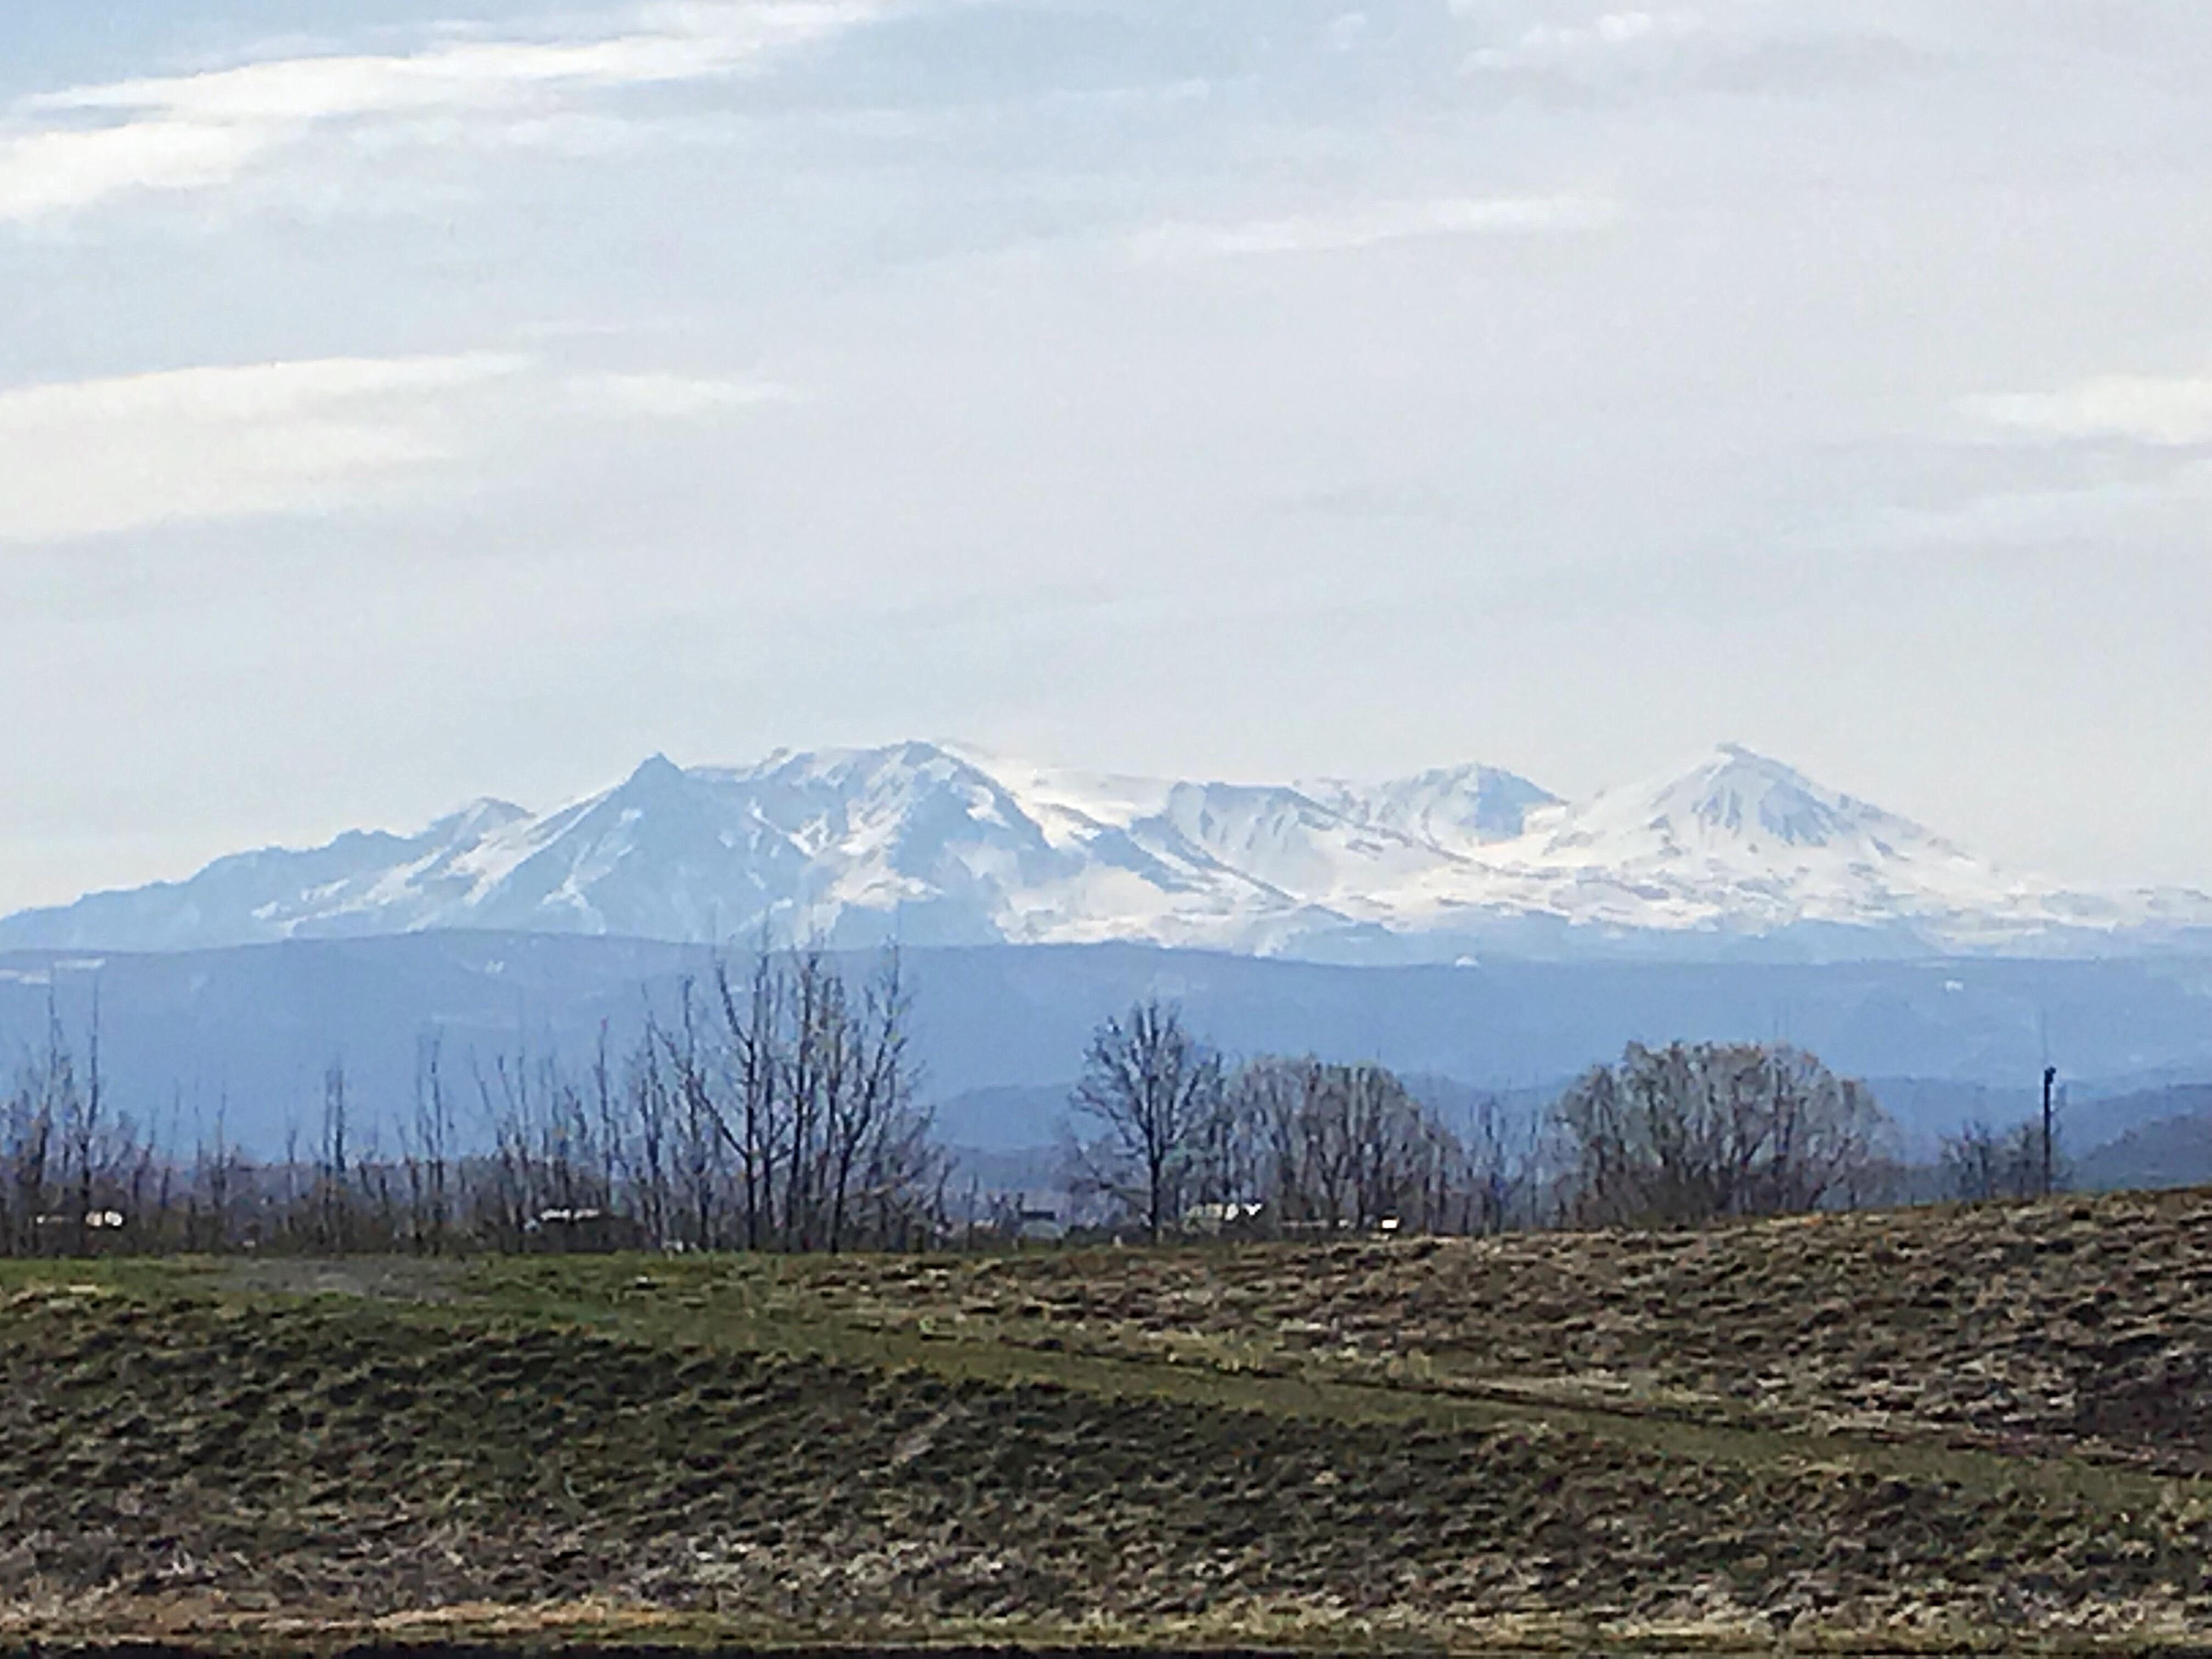 2018年4月22日朝9時前の大雪山